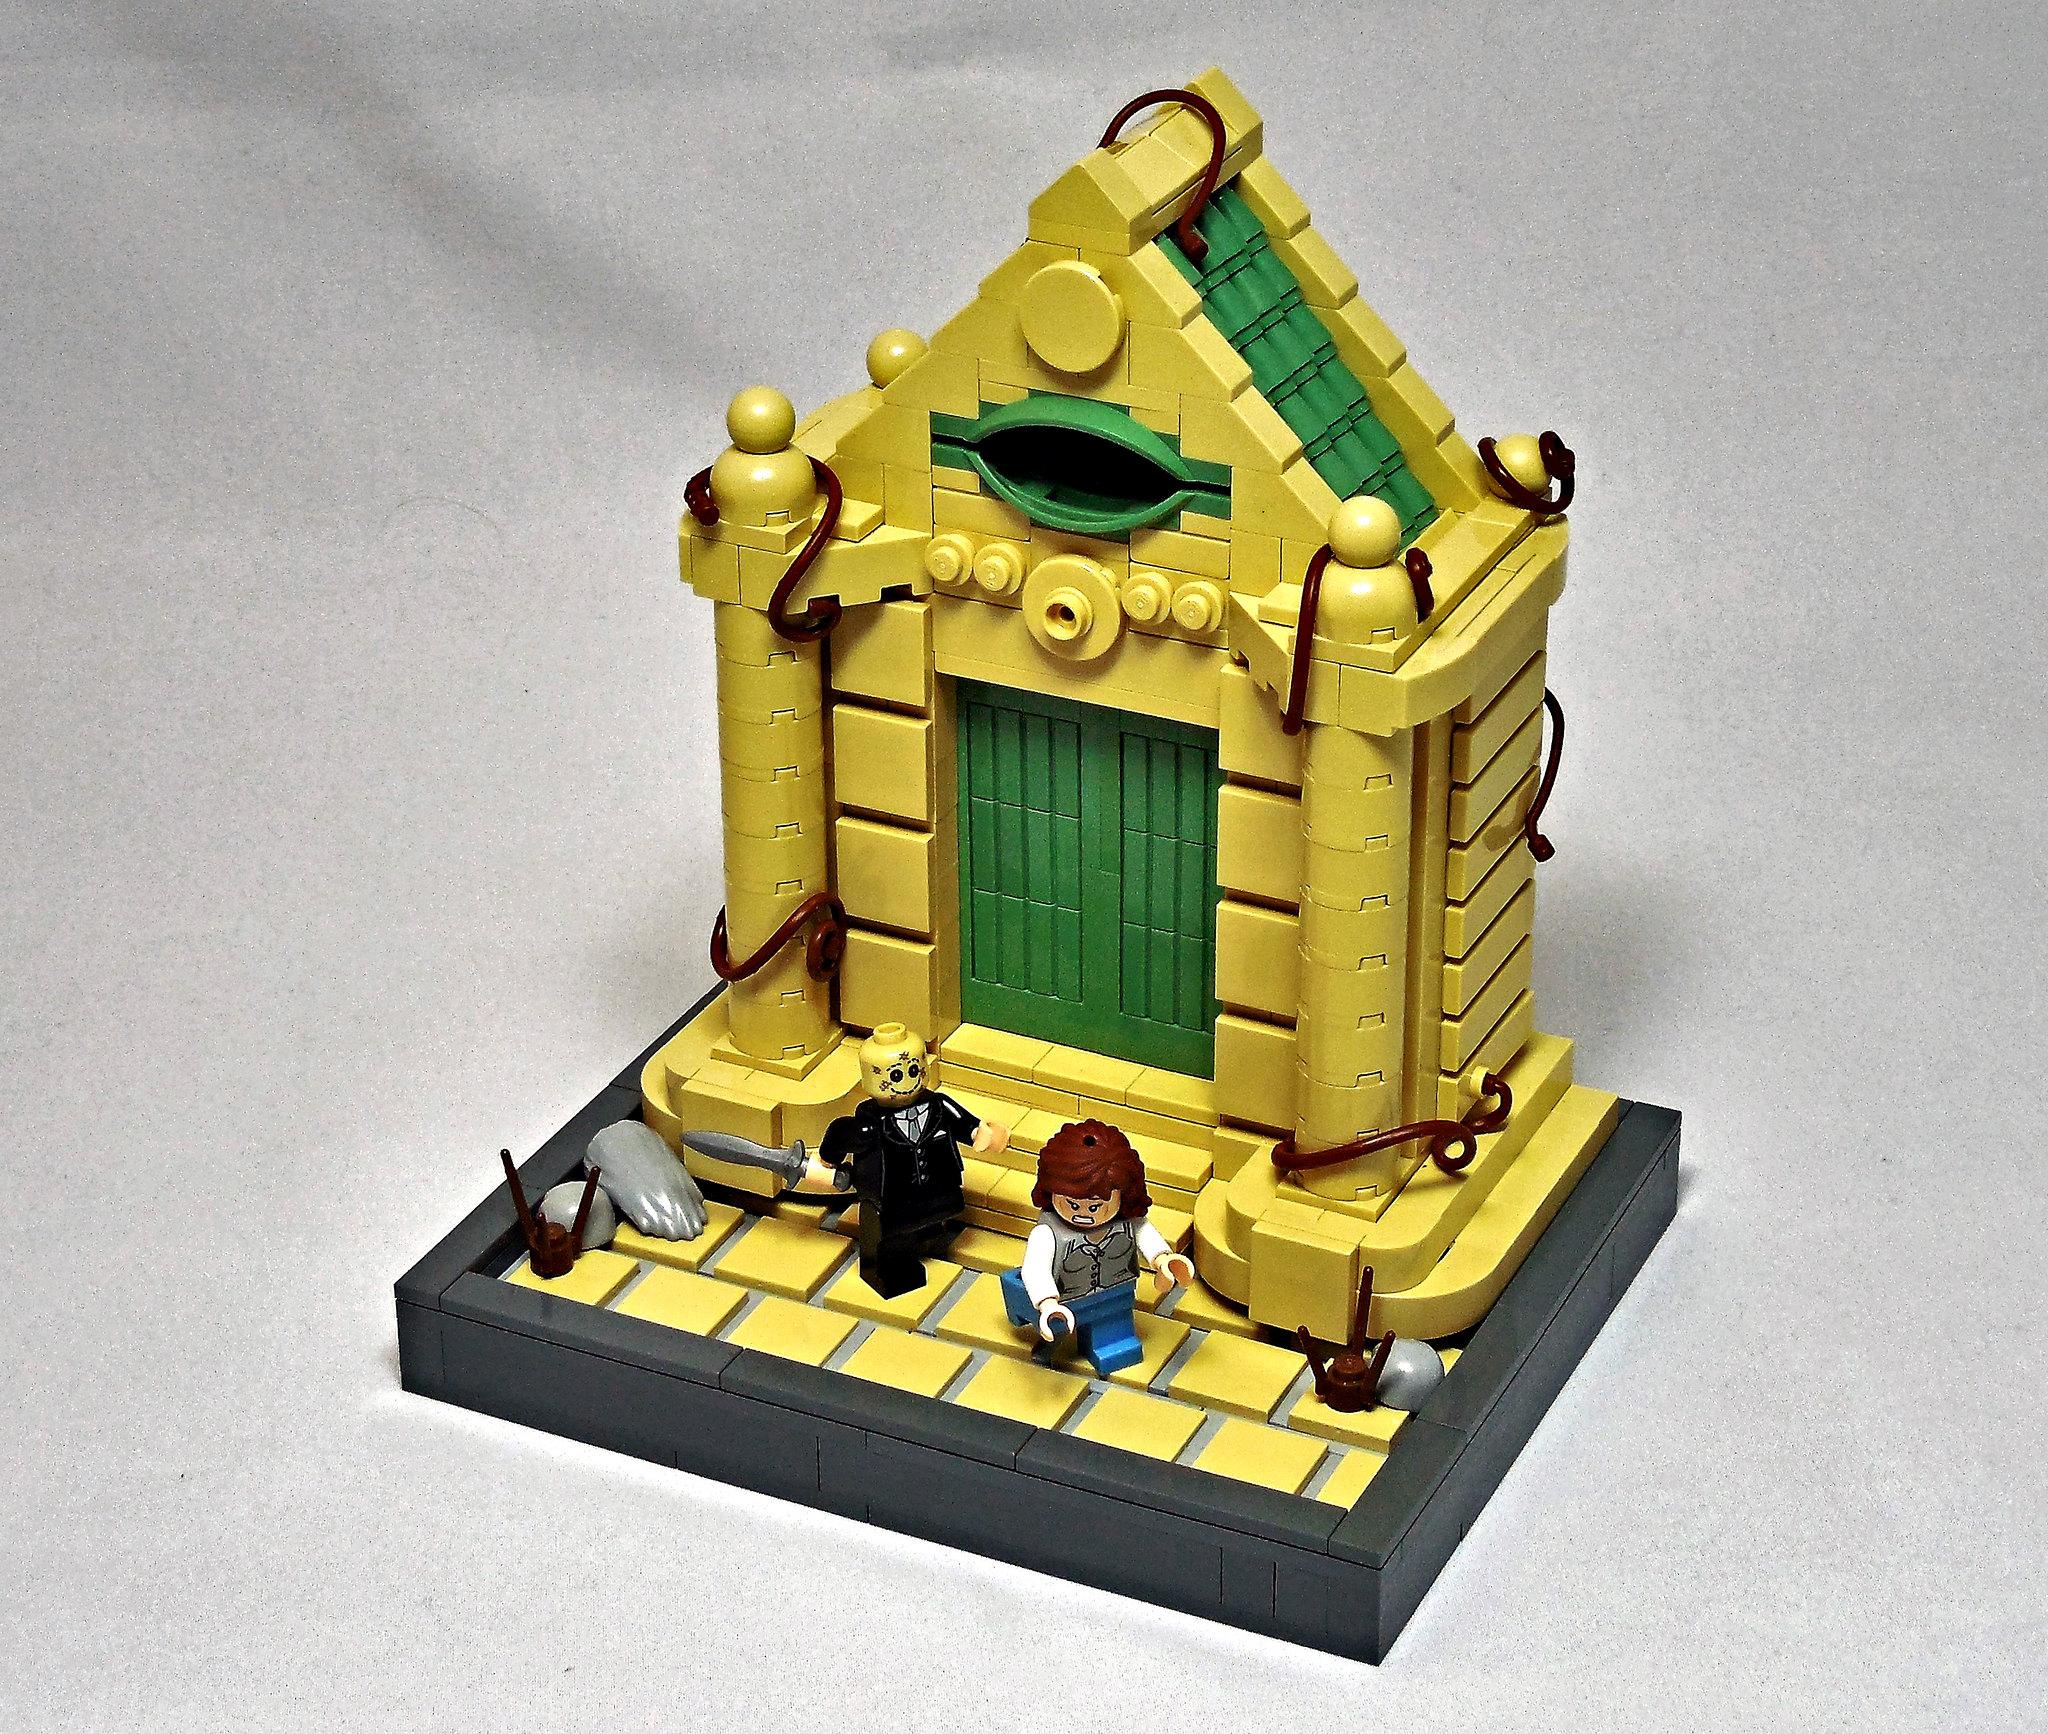 LEGO® MOC by Vitreolum: Nightbreed